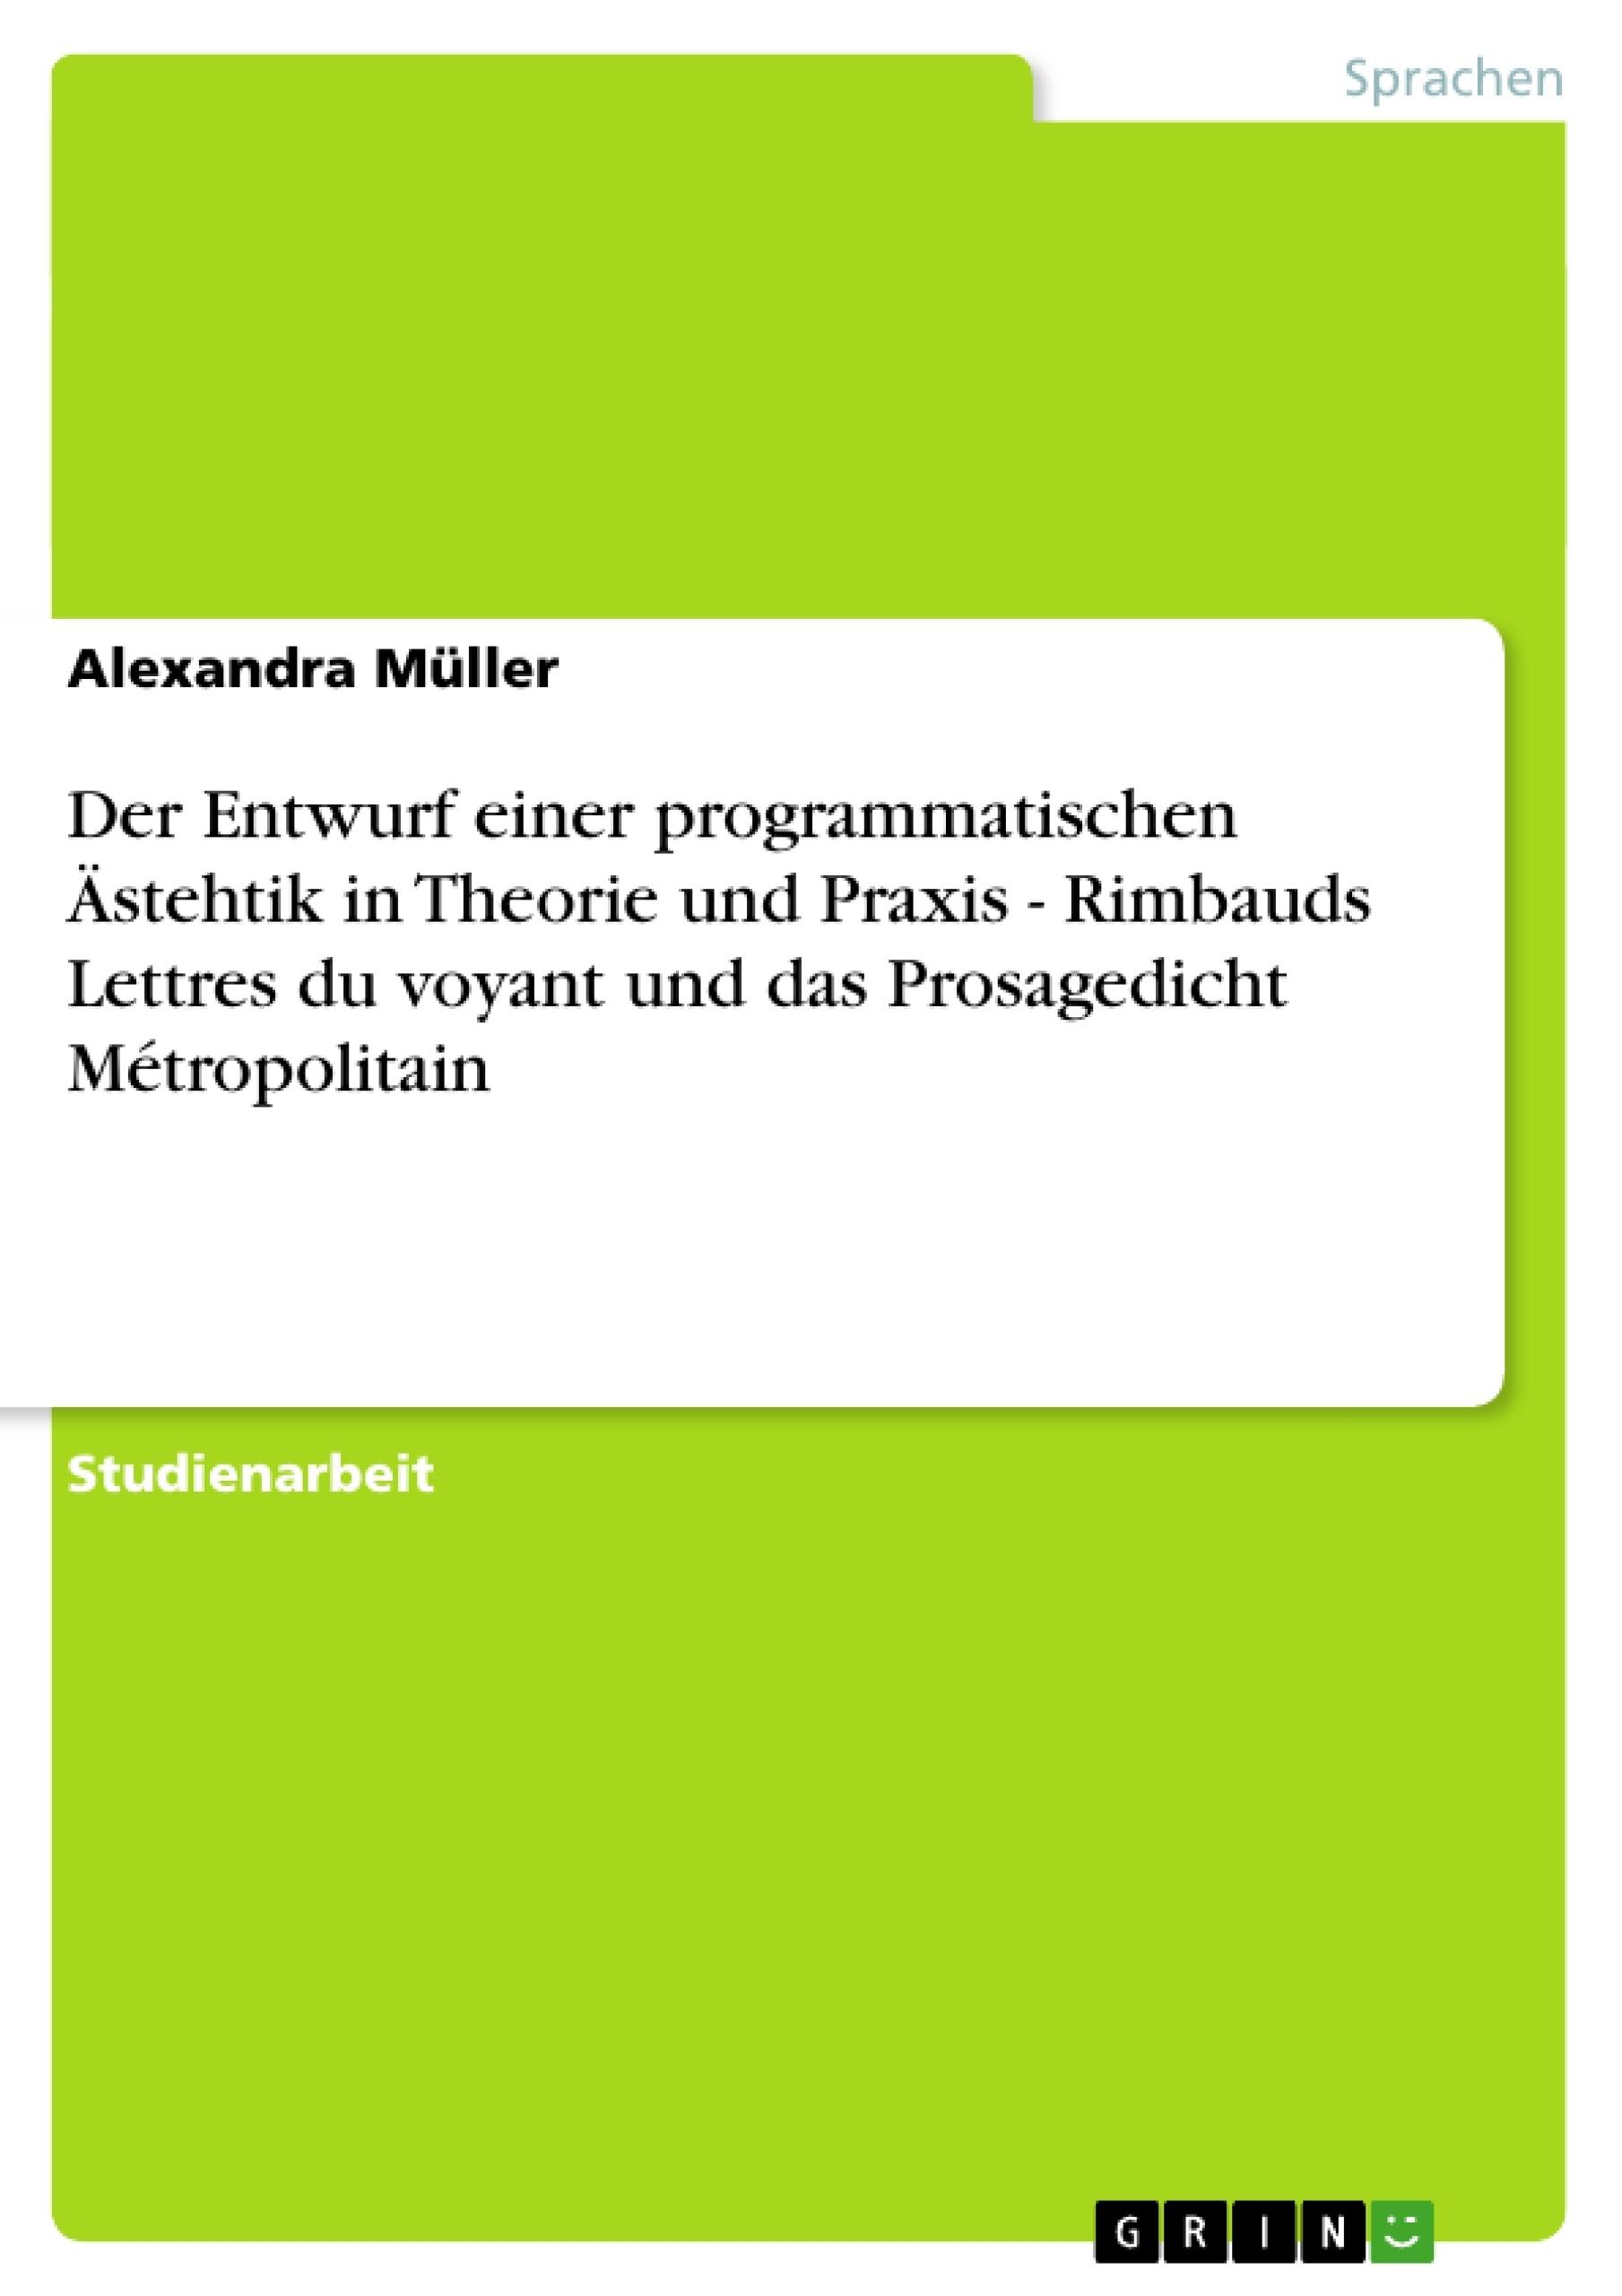 Titel: Der Entwurf einer programmatischen Ästehtik in Theorie und Praxis  - Rimbauds  Lettres du voyant  und das Prosagedicht  Métropolitain